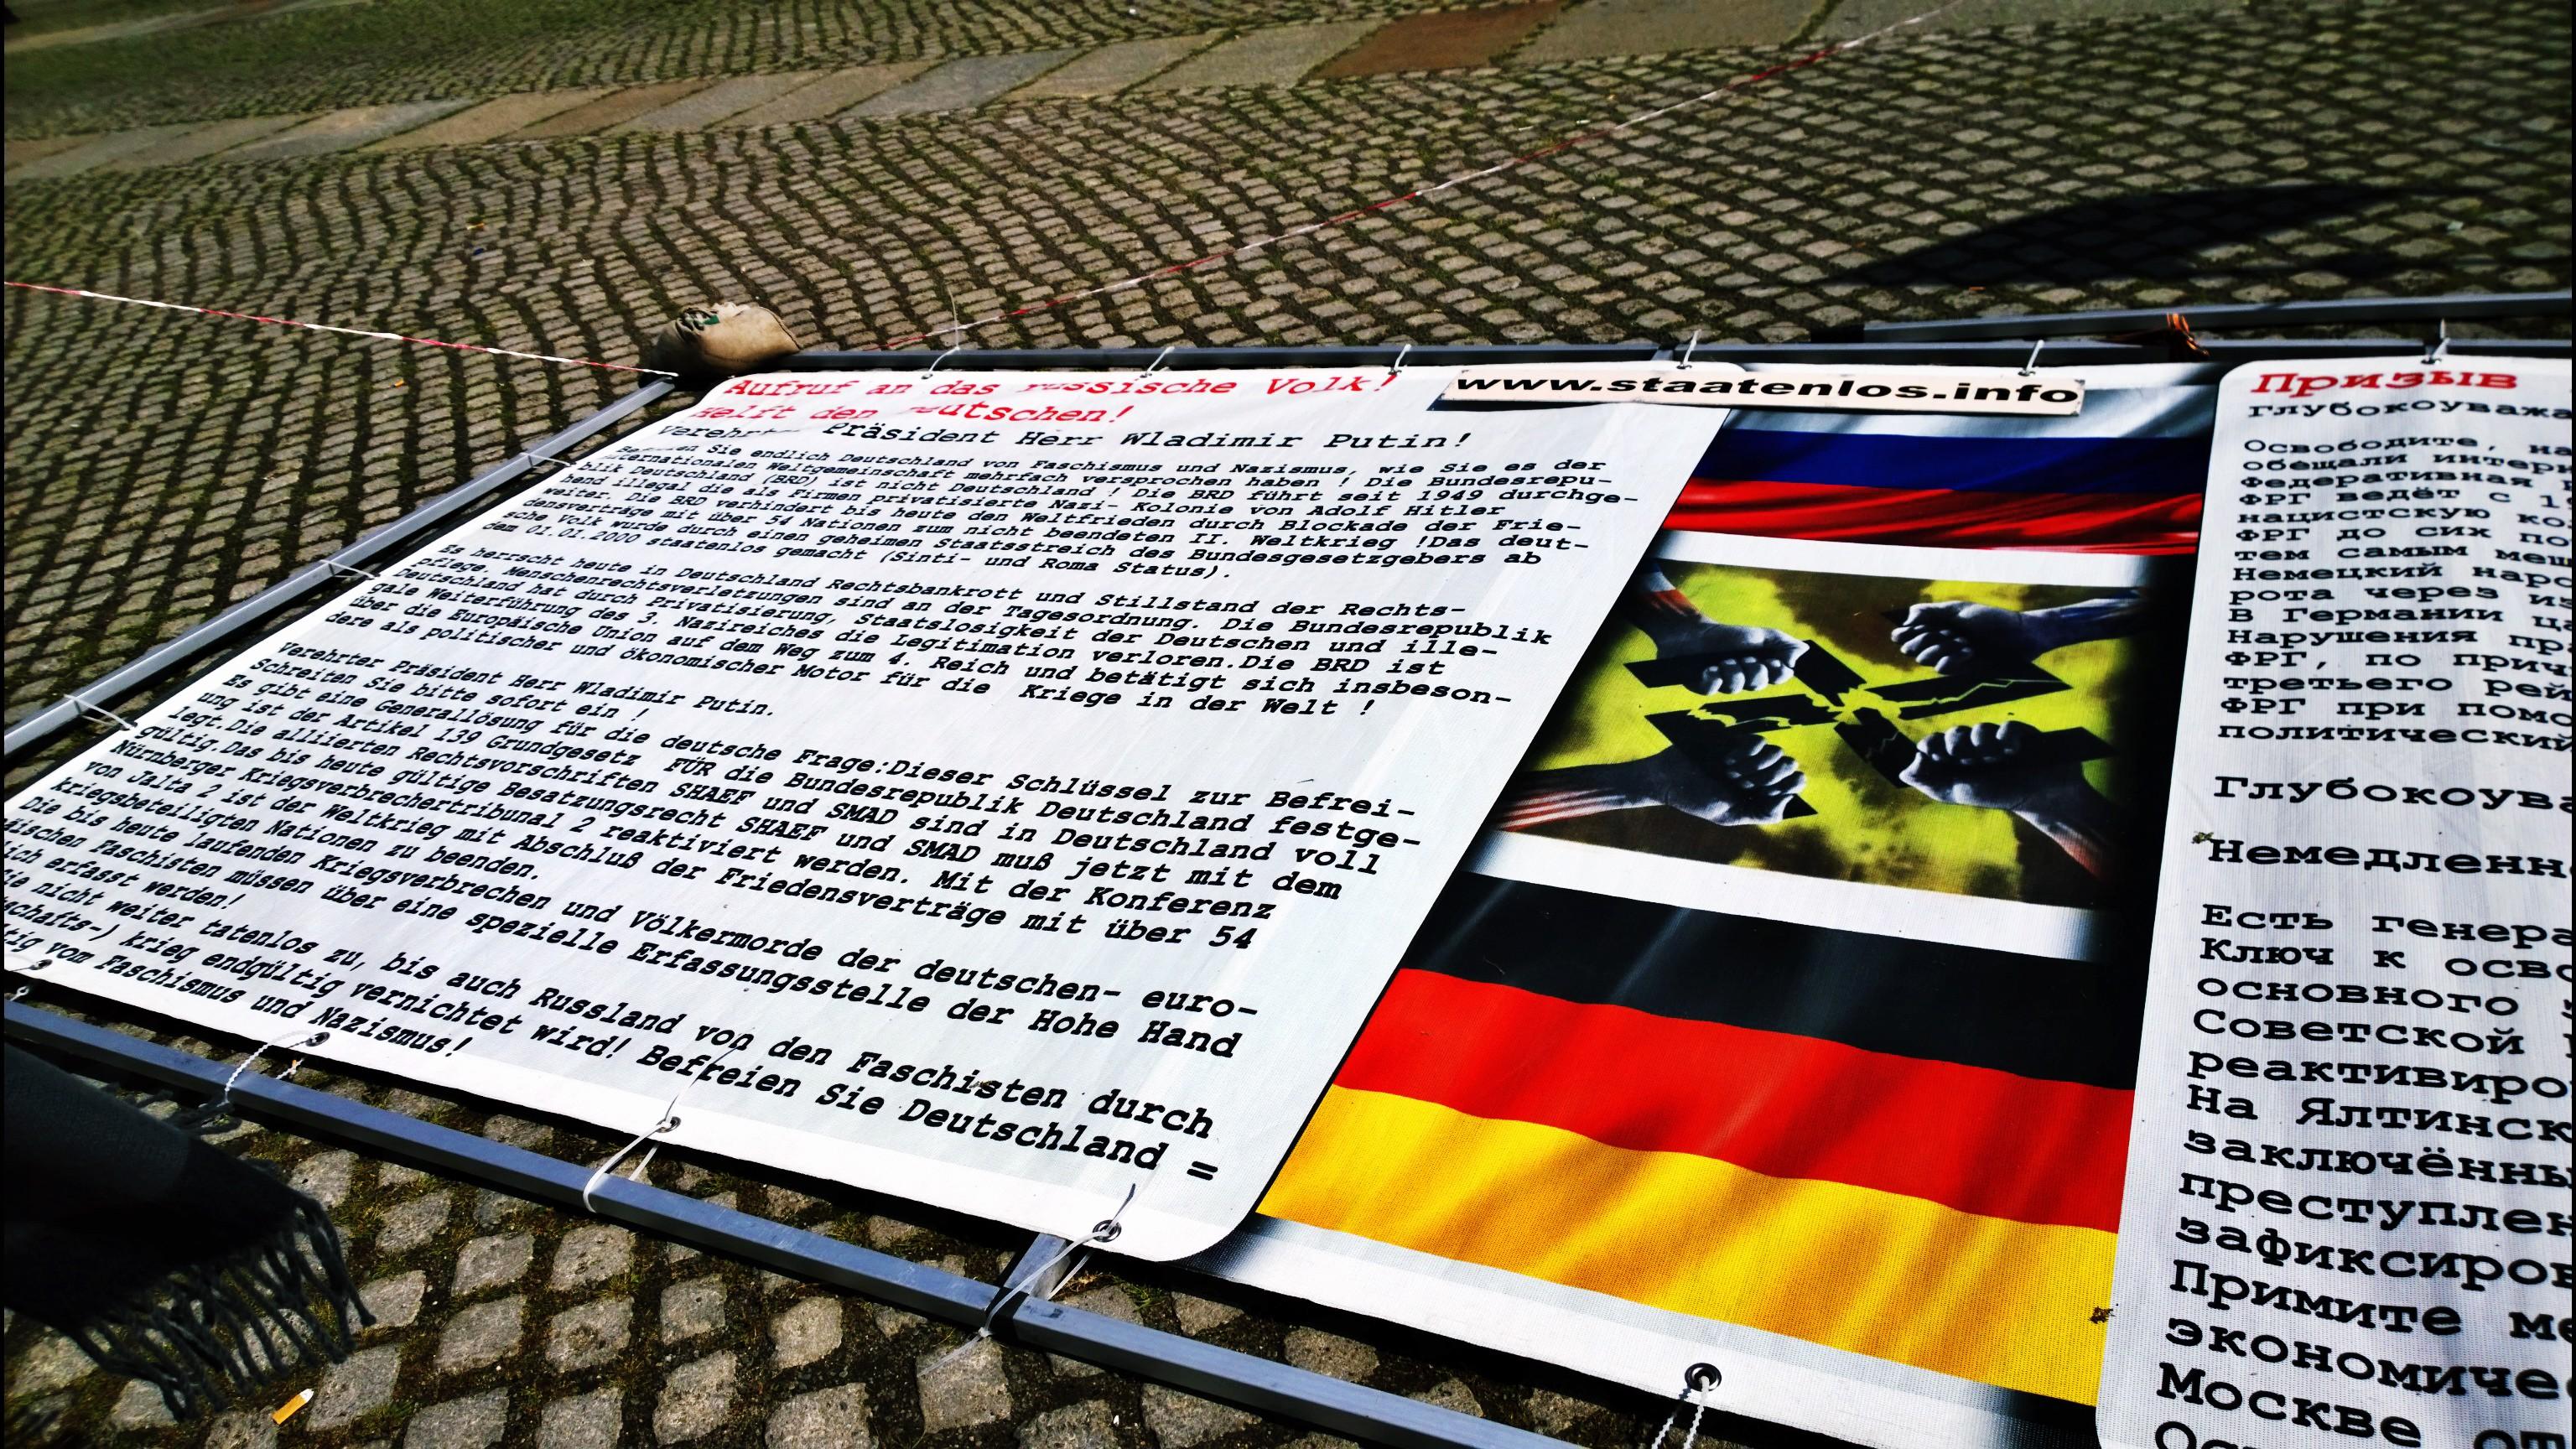 Peticija upućena Putinu da spasi Nemačku zlih sila